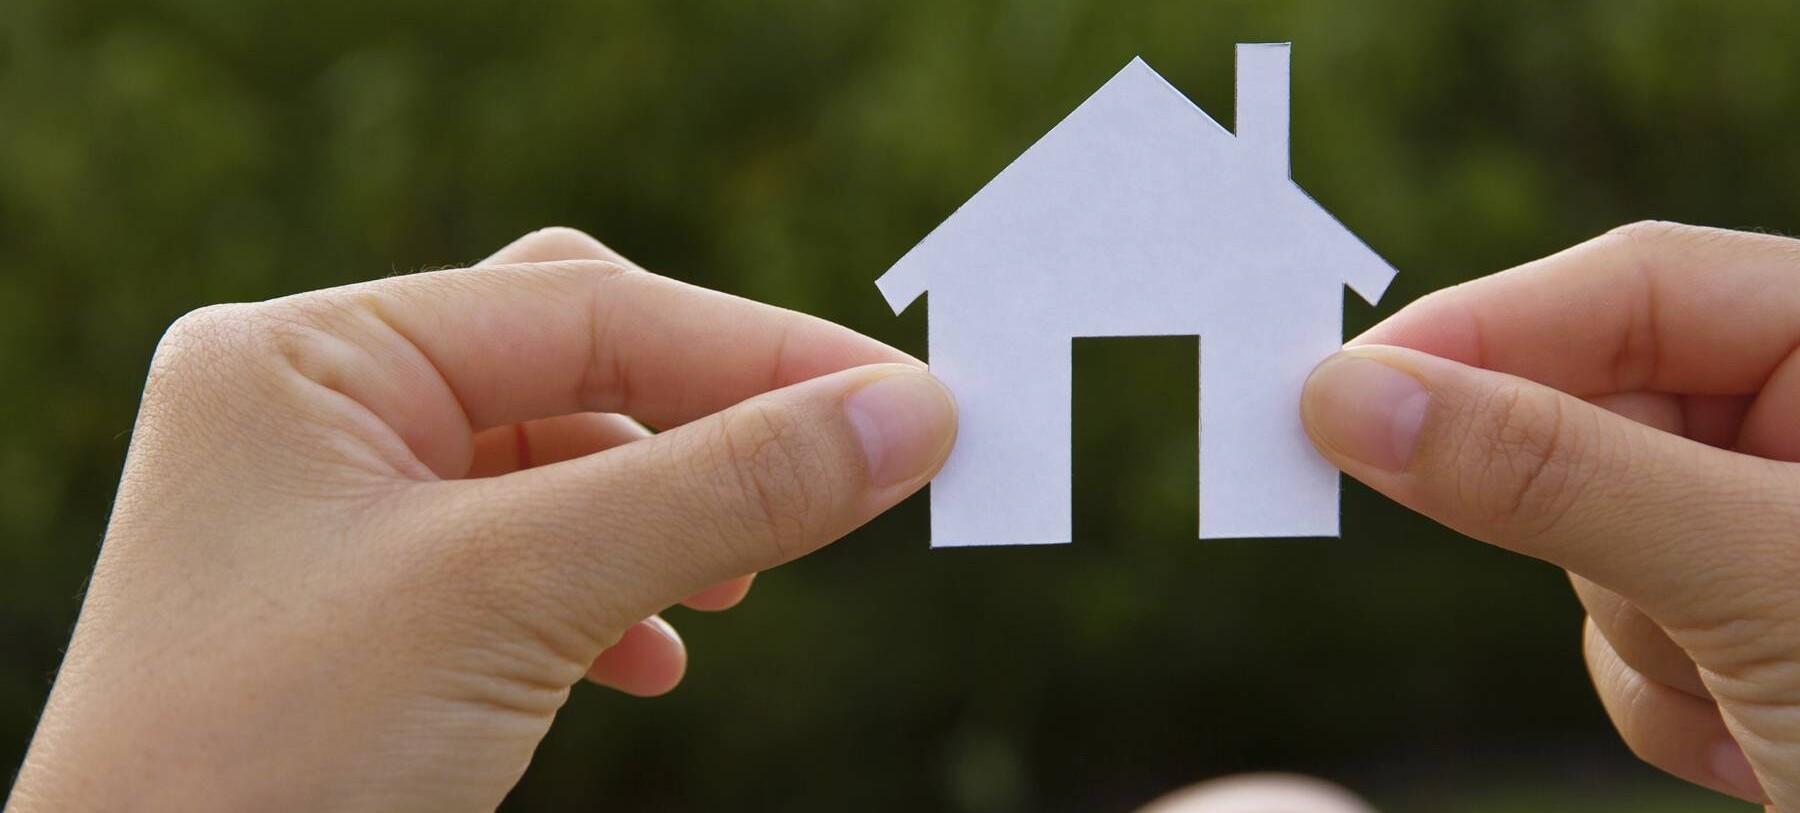 Immagine raffigurante due mani che tengono una casa di carta